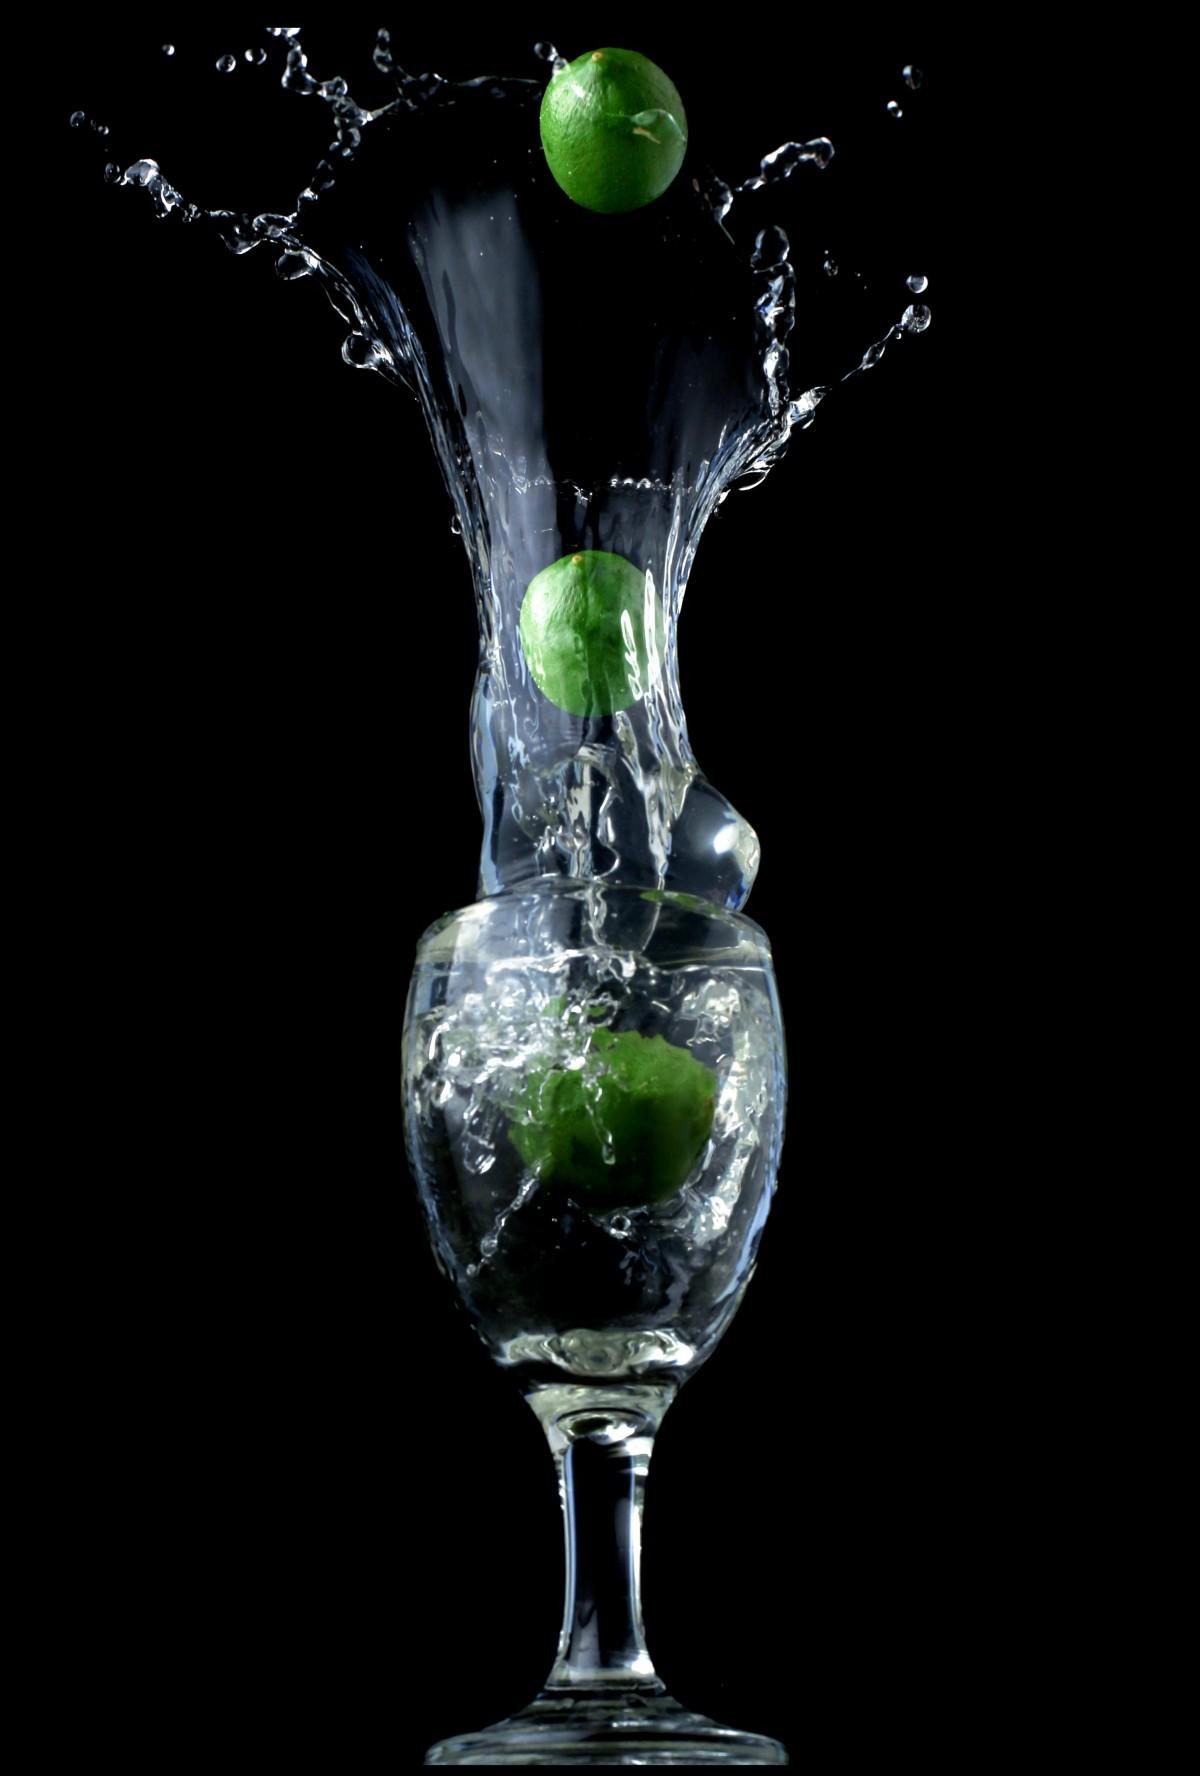 kostenlose foto wasser fallen fl ssigkeit verwischen glas bar bewegung vase spritzen. Black Bedroom Furniture Sets. Home Design Ideas